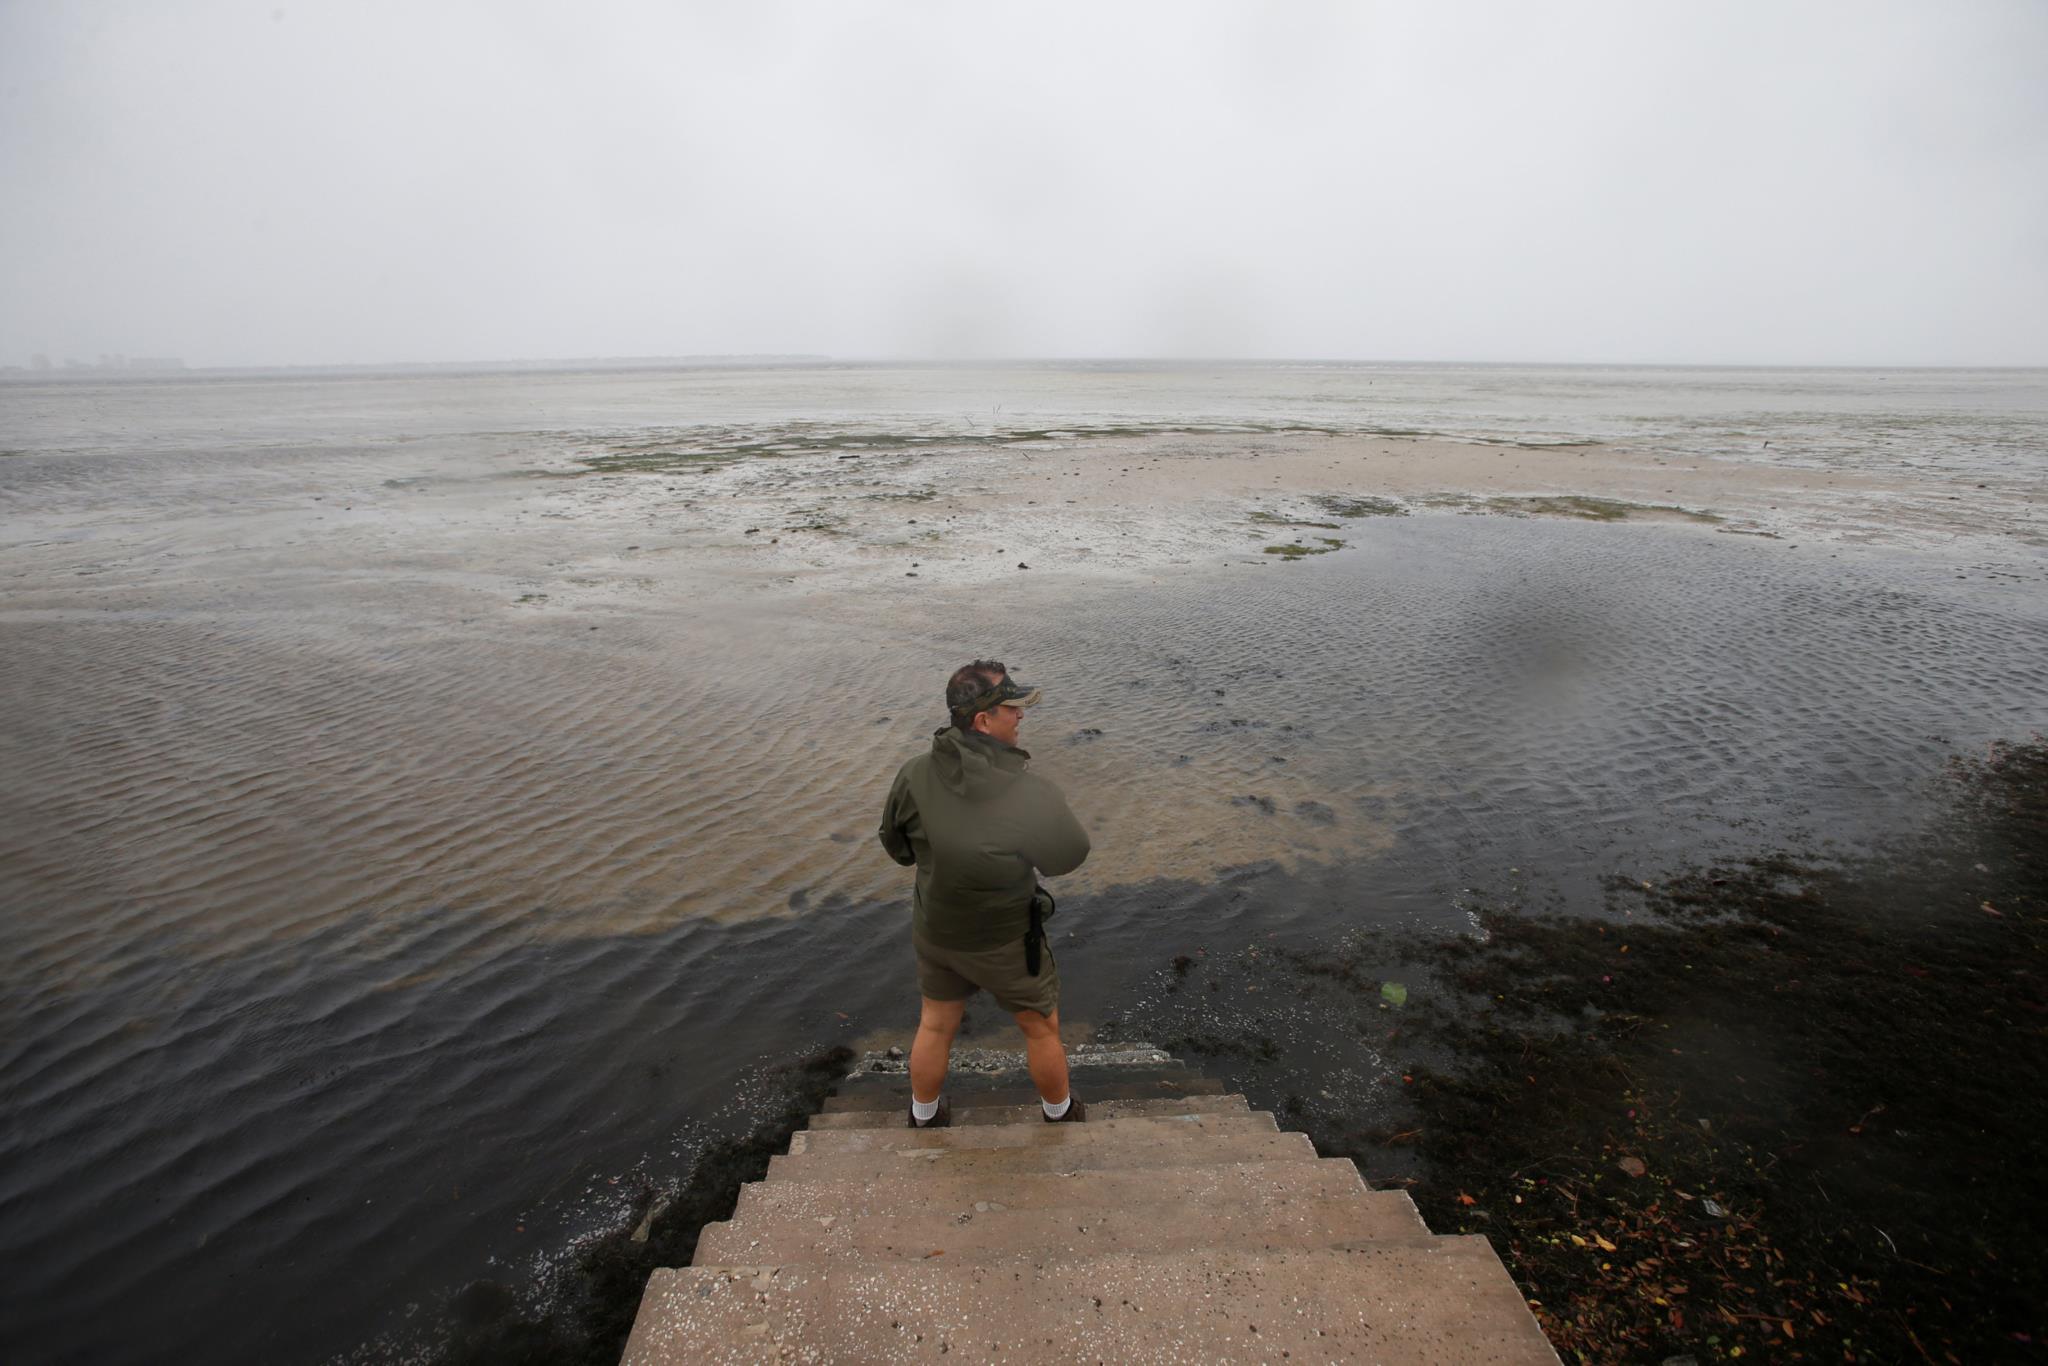 O porto de Tampa, na Florida, num momento em que o nível da água baixou consideravelmente, fenómeno que costuma anteceder uma subida rápida do mar